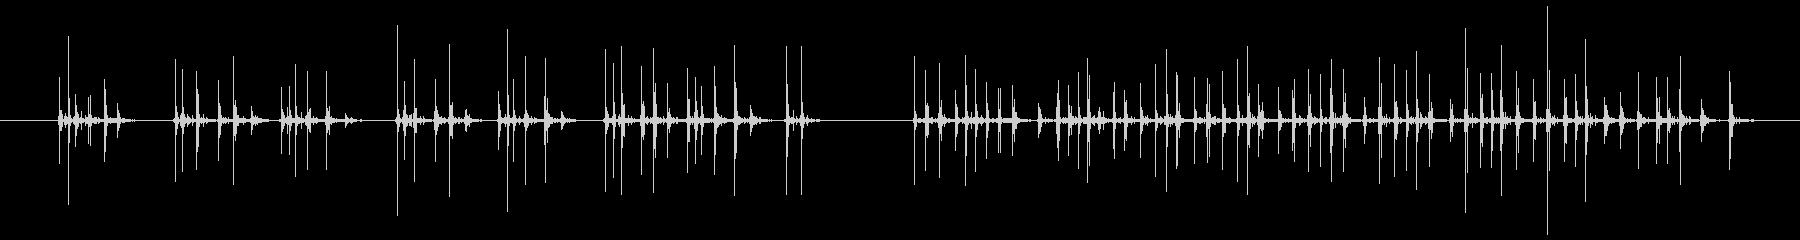 プラスチックスピナー:ランダムな速...の未再生の波形